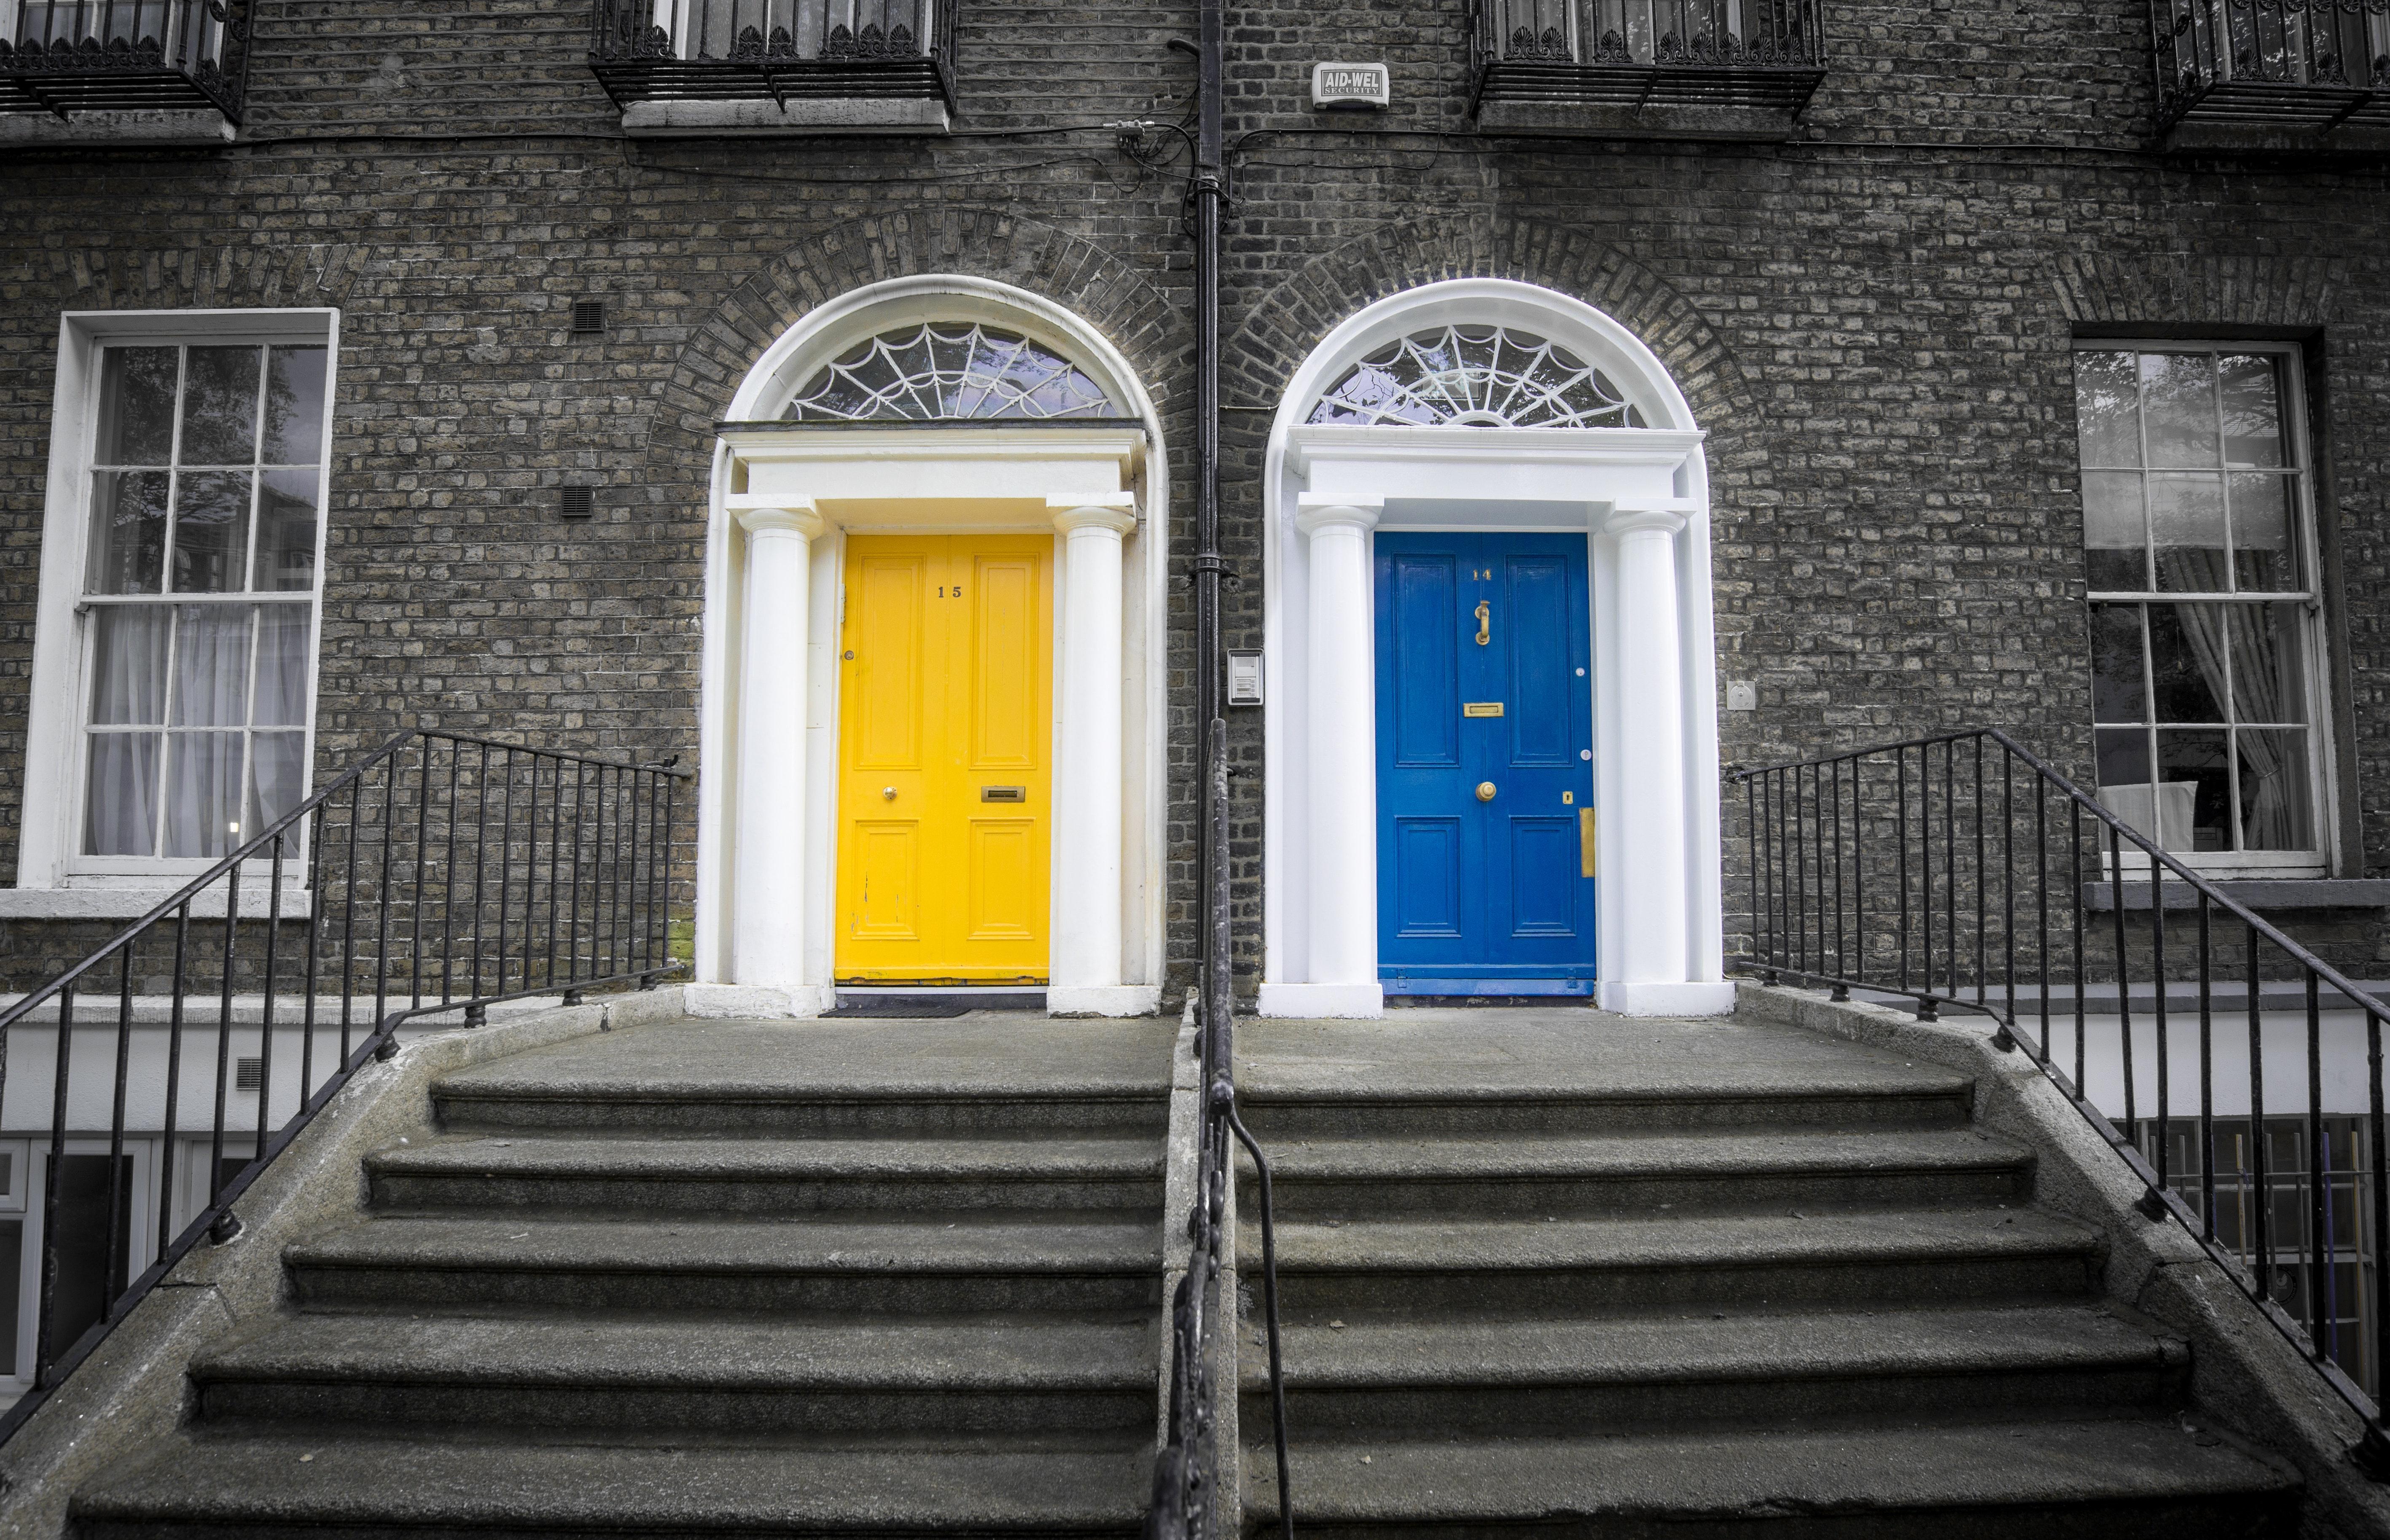 Acomodações na Irlanda: Daft.ie